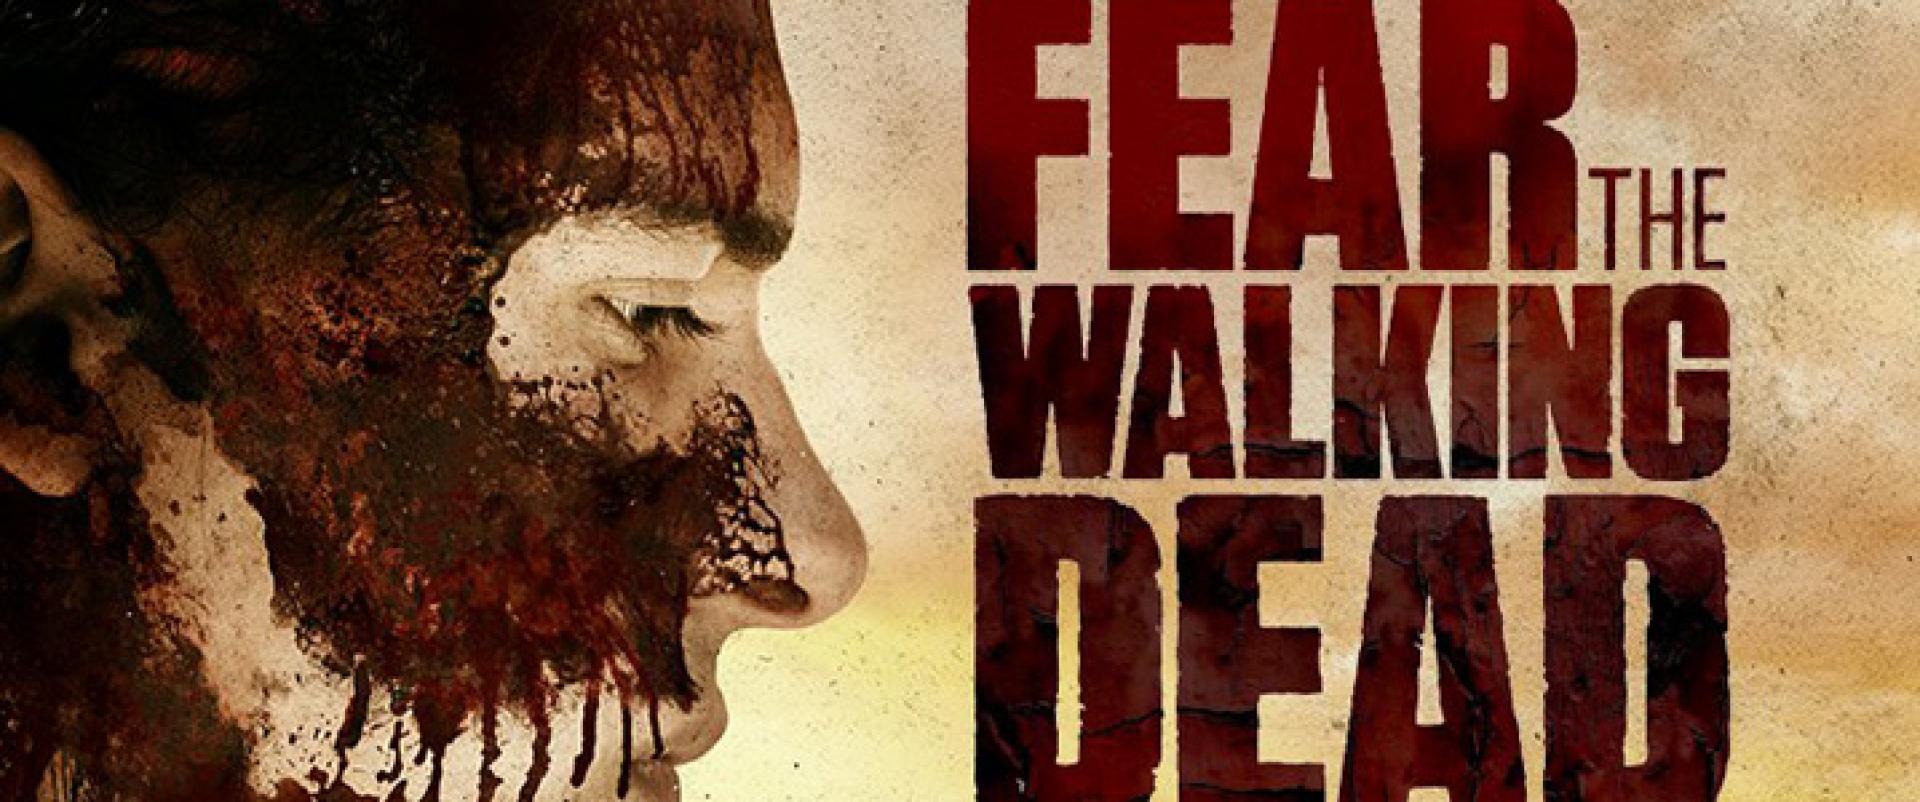 Fear the Walking Dead 3x04